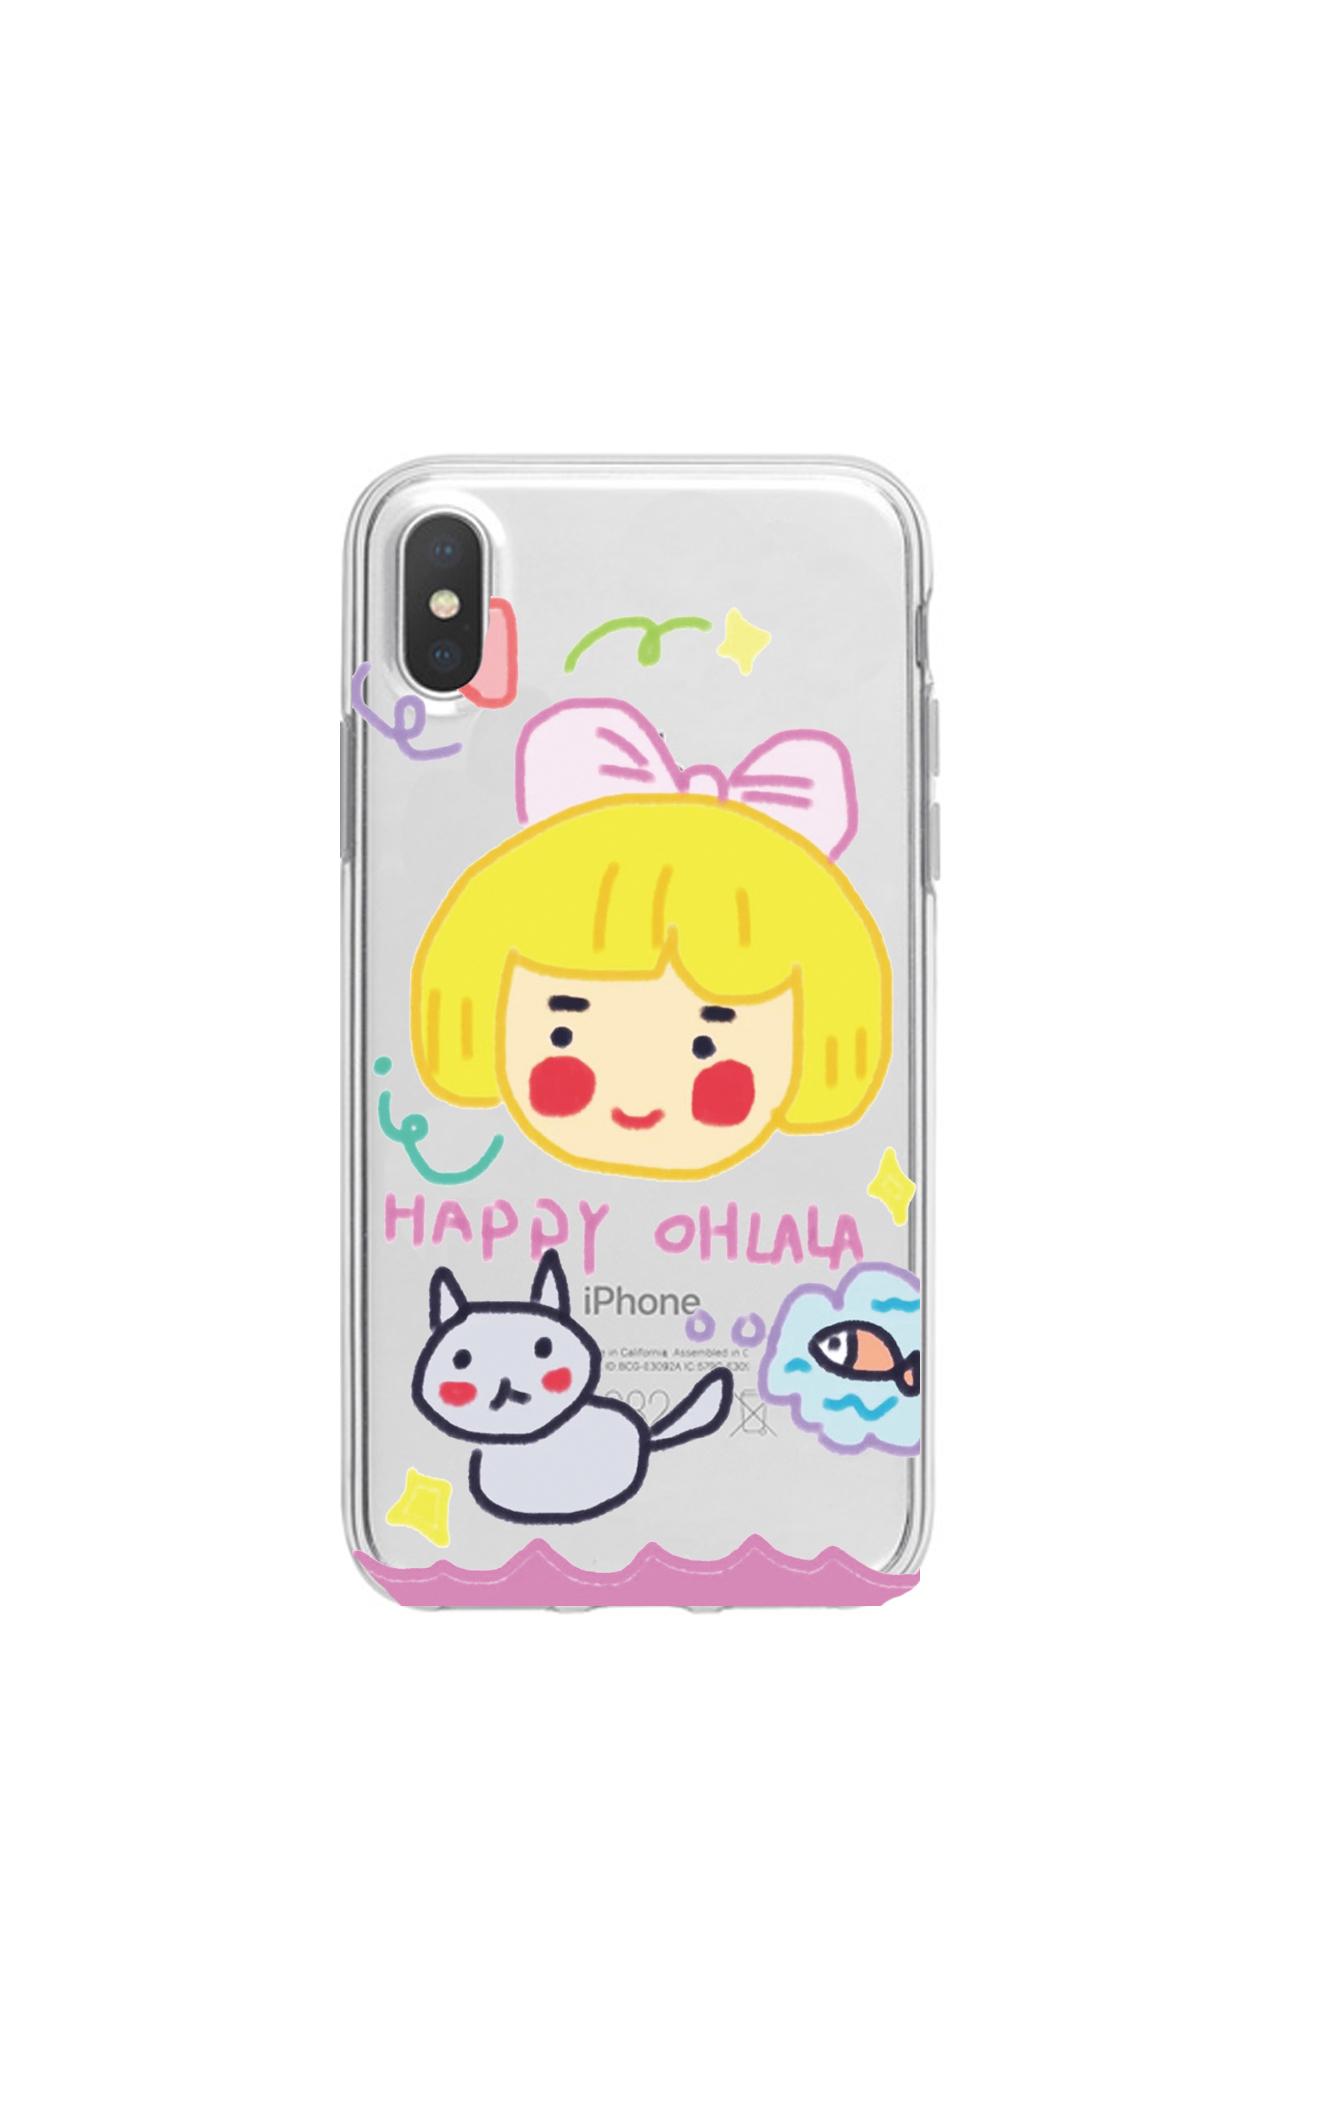 卡通彩虹狗任意型号小米8手机壳cc9红米note7pro/8se6套mix3/2s软